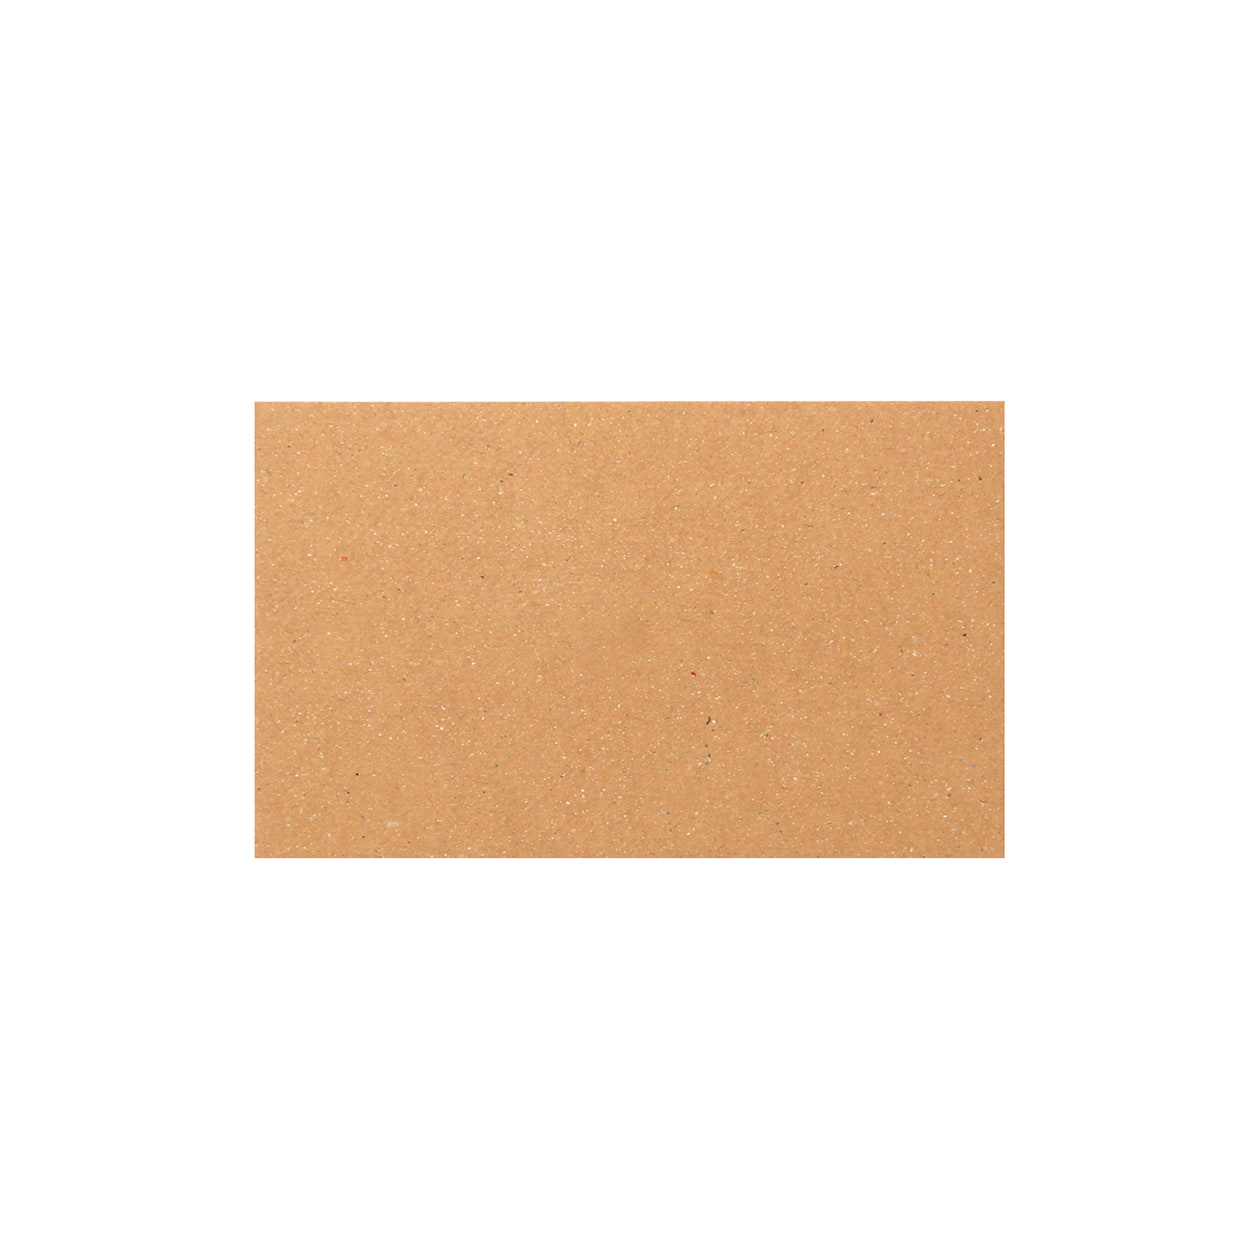 ネームカード ボード紙 ブラウン 450g